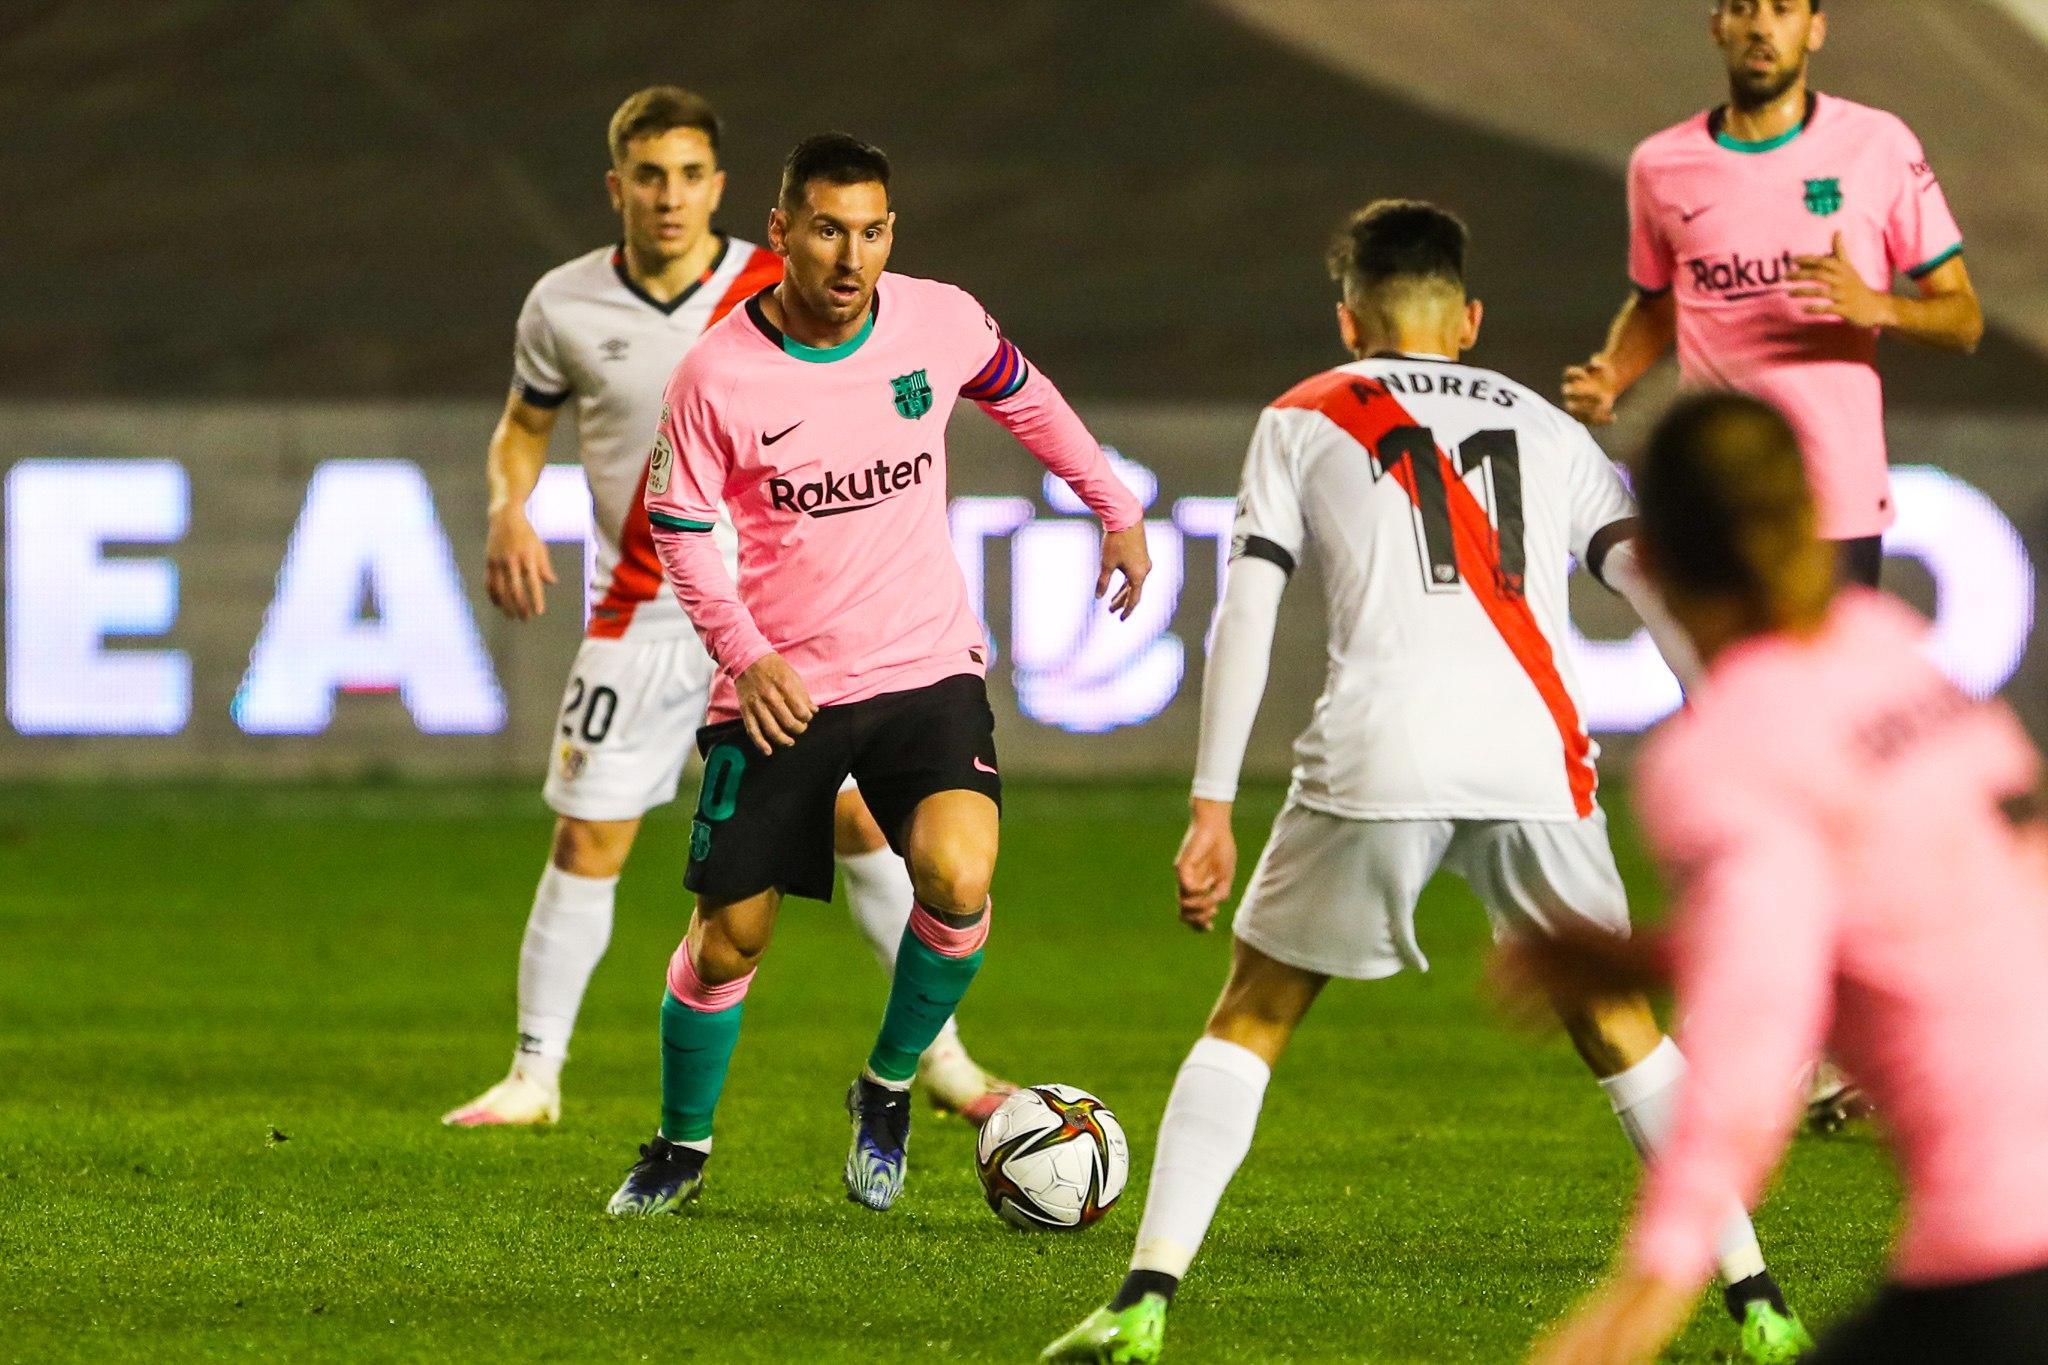 梅西国王杯出战76场位列队史赛事出场数第一,进54球夺6冠